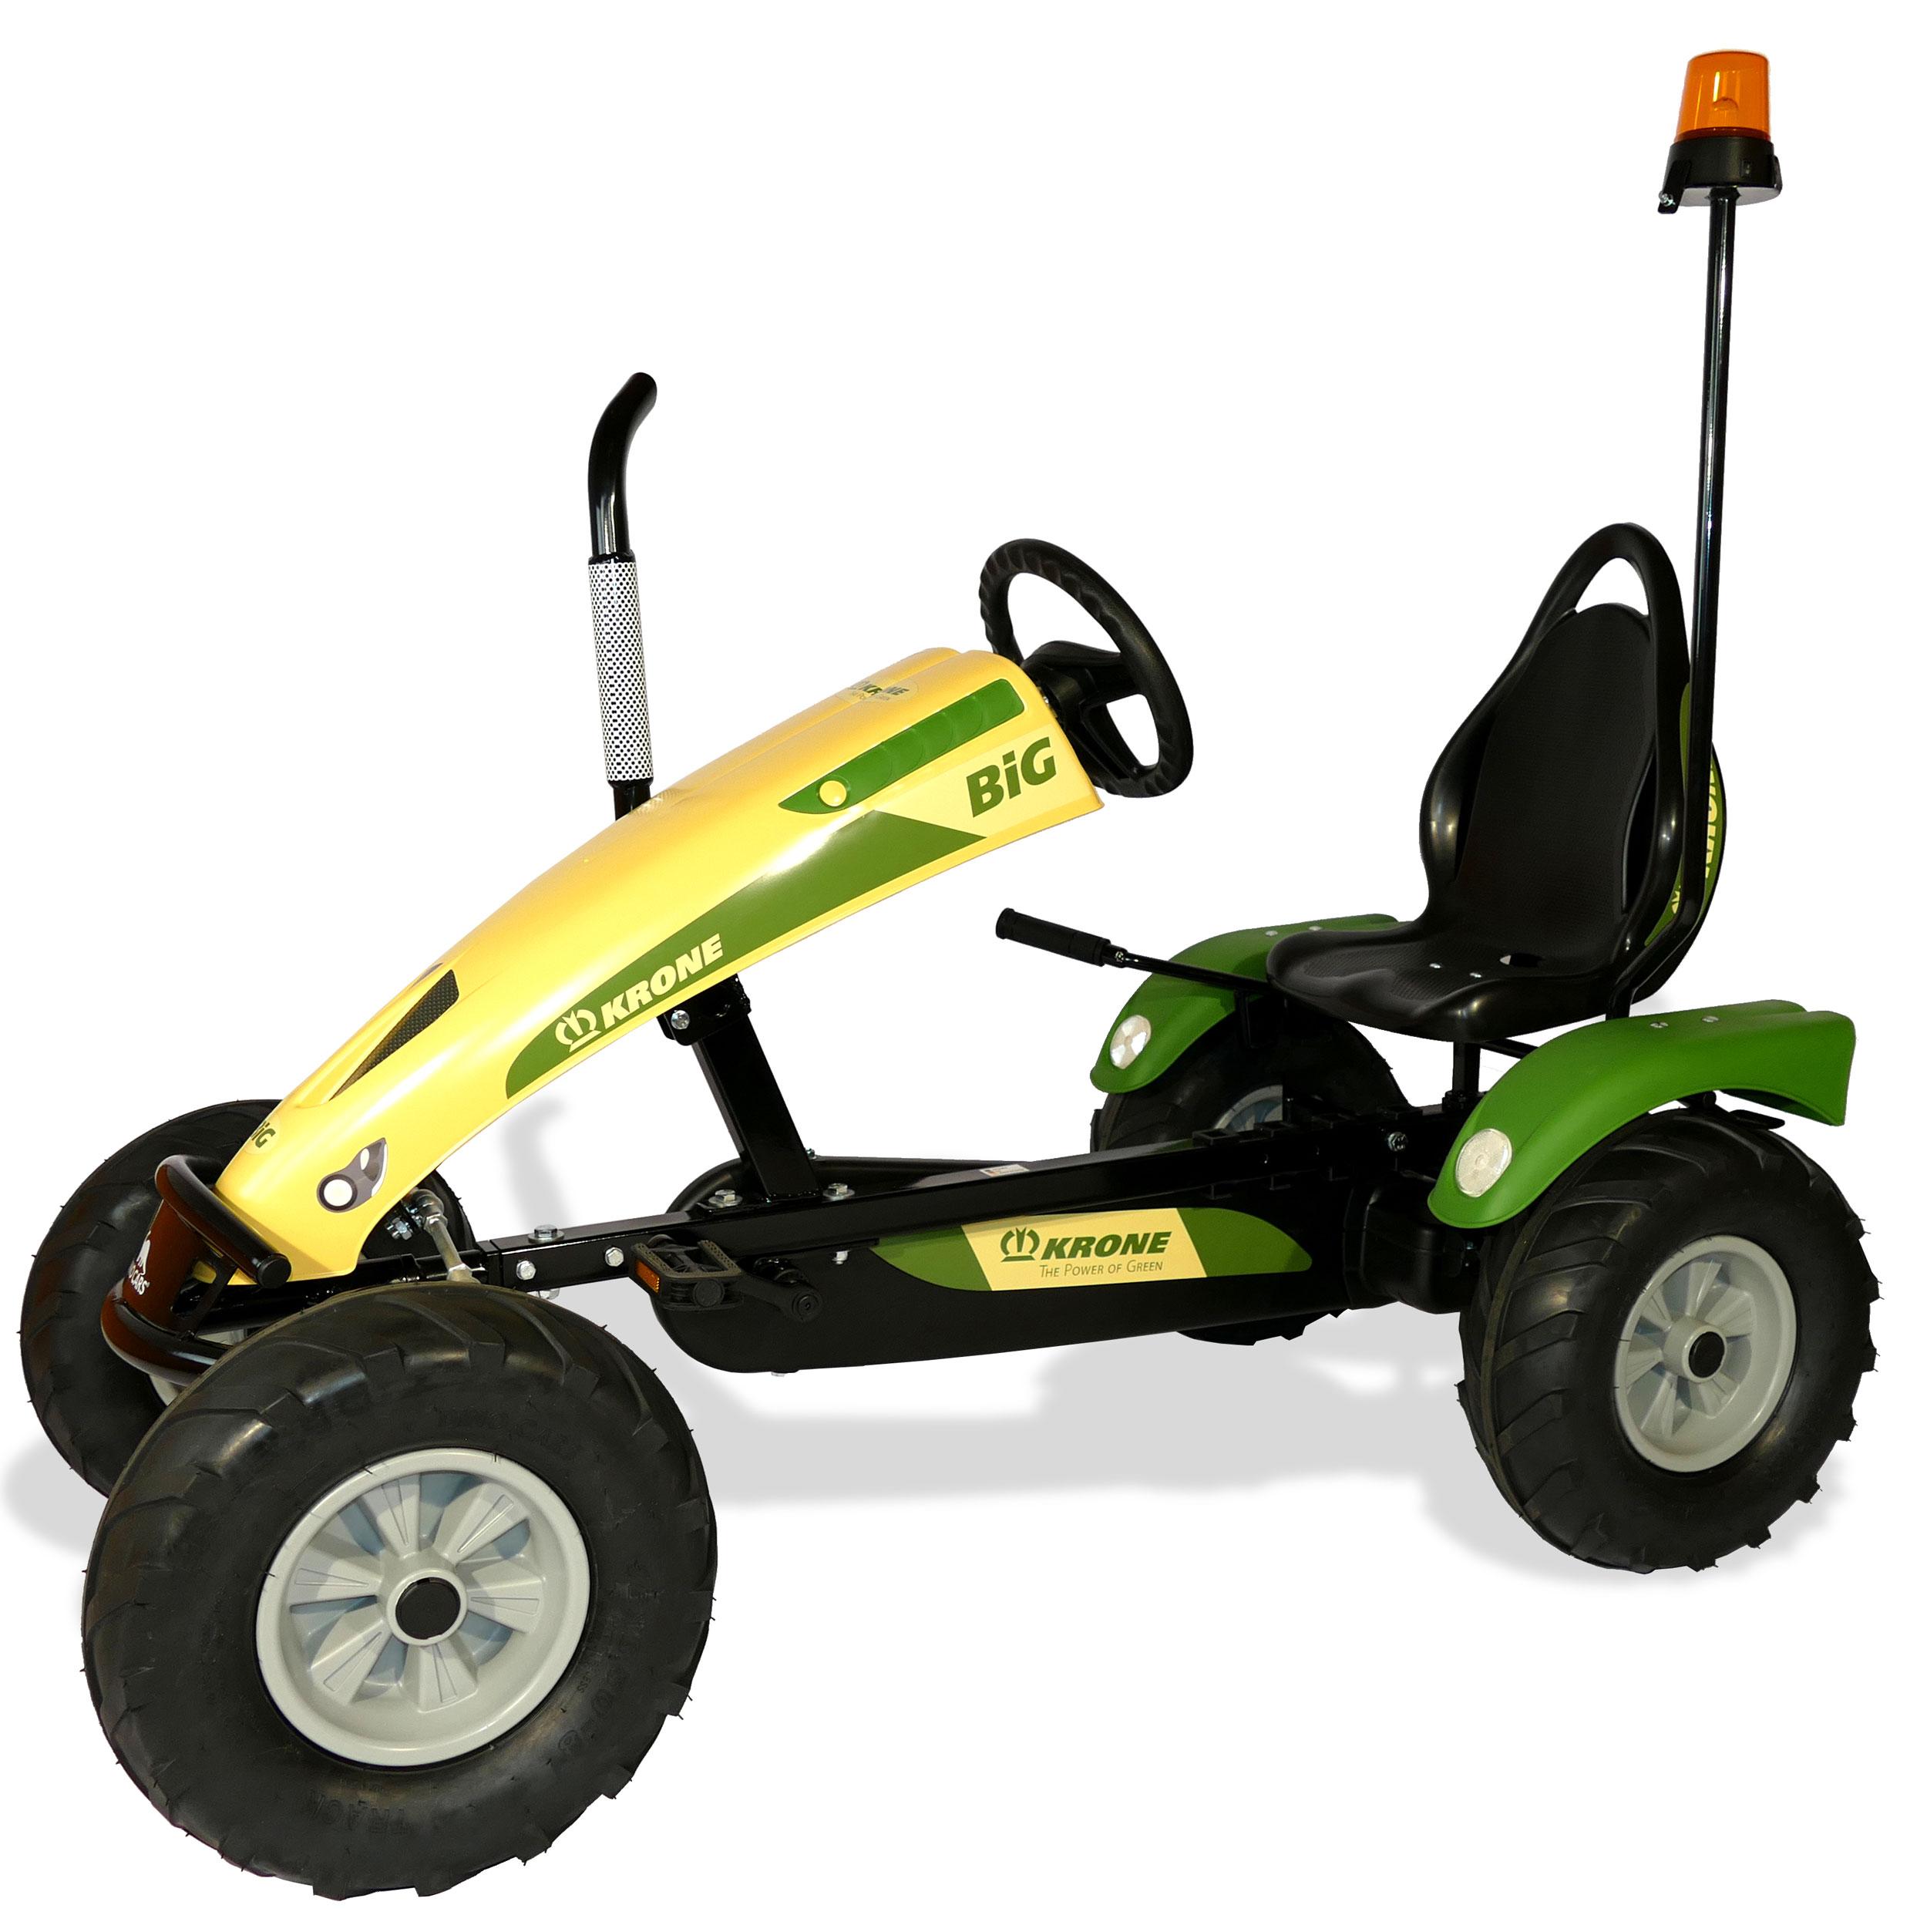 Gokart / Pedal-Gokart Track BF1 Krone BIG mit Rundumleuchte DINO CARS Bild 2